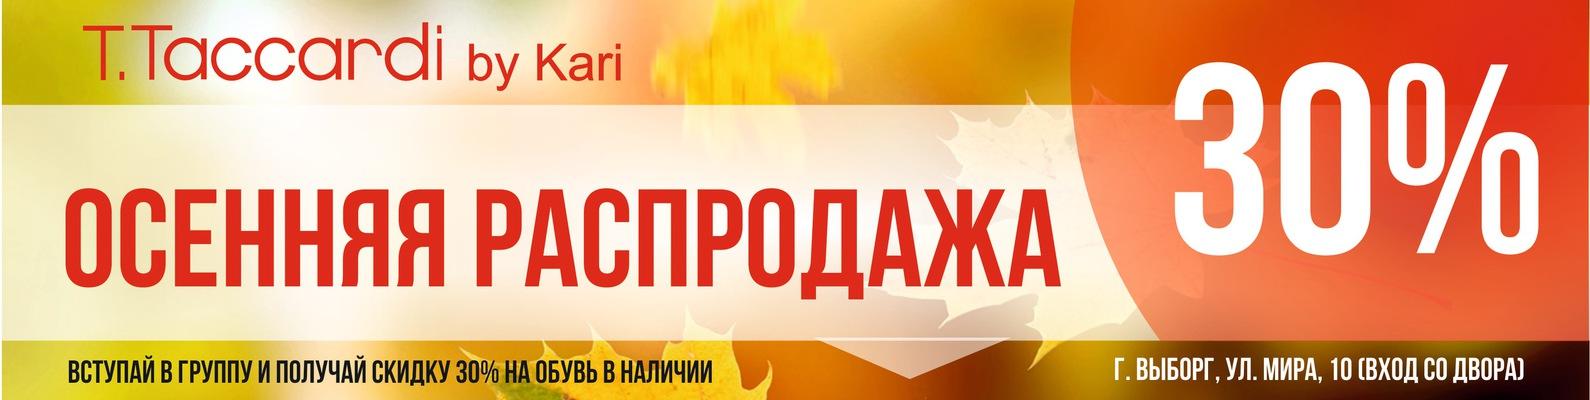 08edb7058 T.Taccardi by Kari -Выборг обувь по низким ценам | ВКонтакте